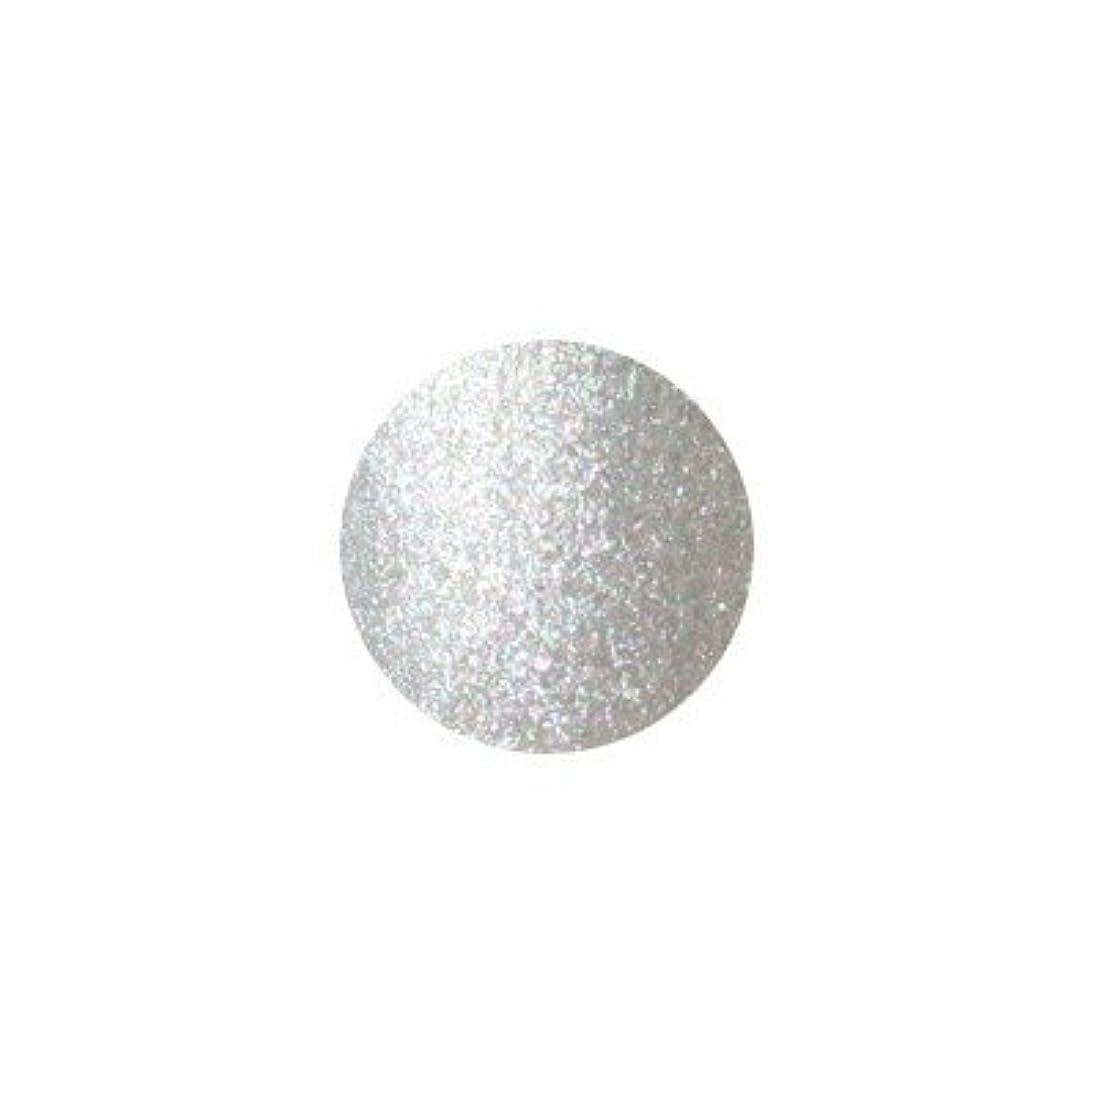 化合物それる観察するプティール カラージェル シャイン S1 マジックホワイト